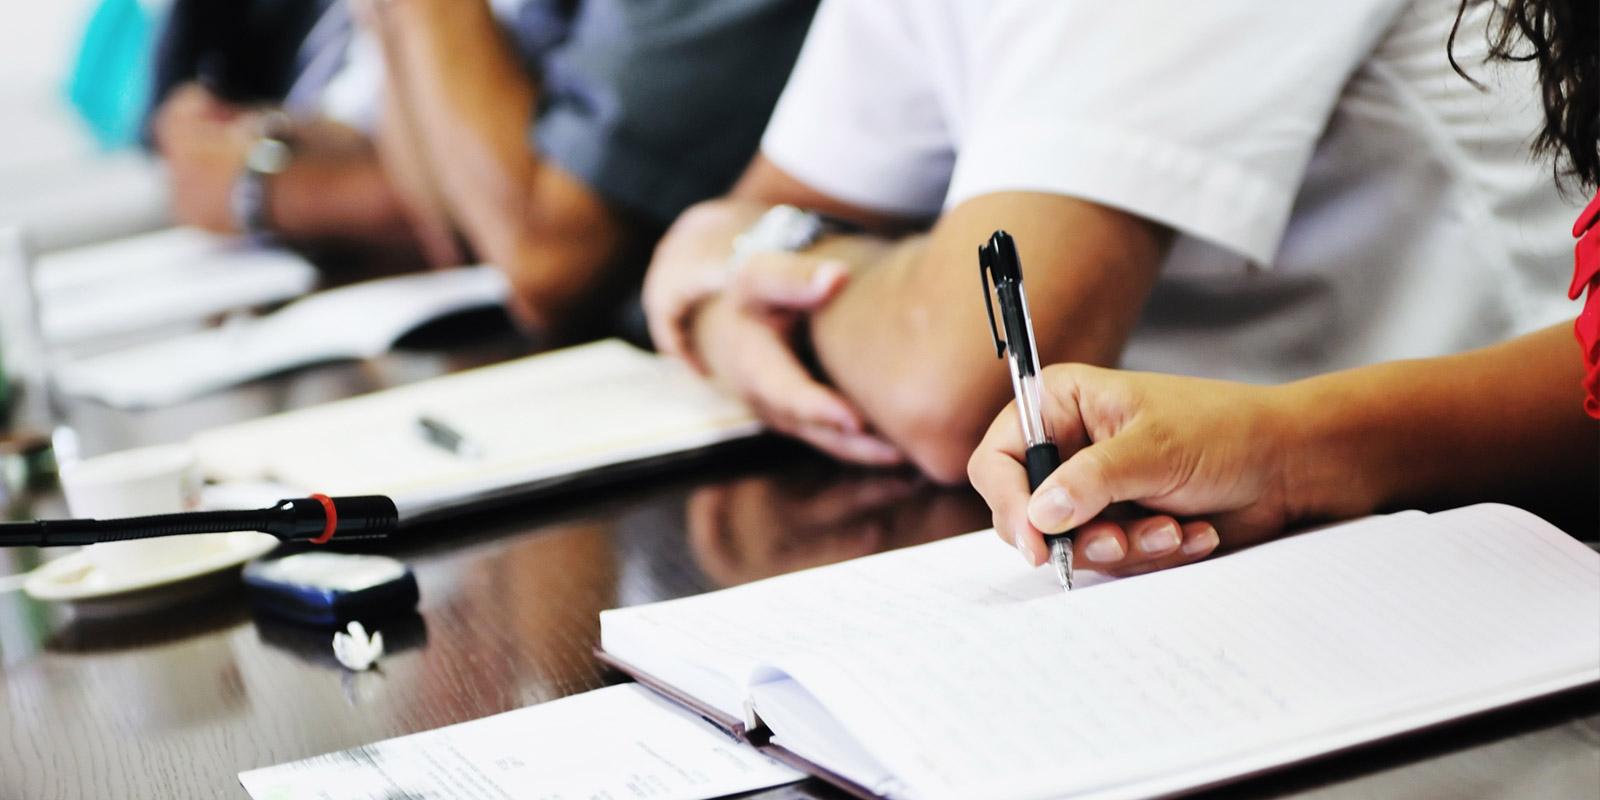 Fatturazione elettronica: aggiornamenti normativi e operativi nell